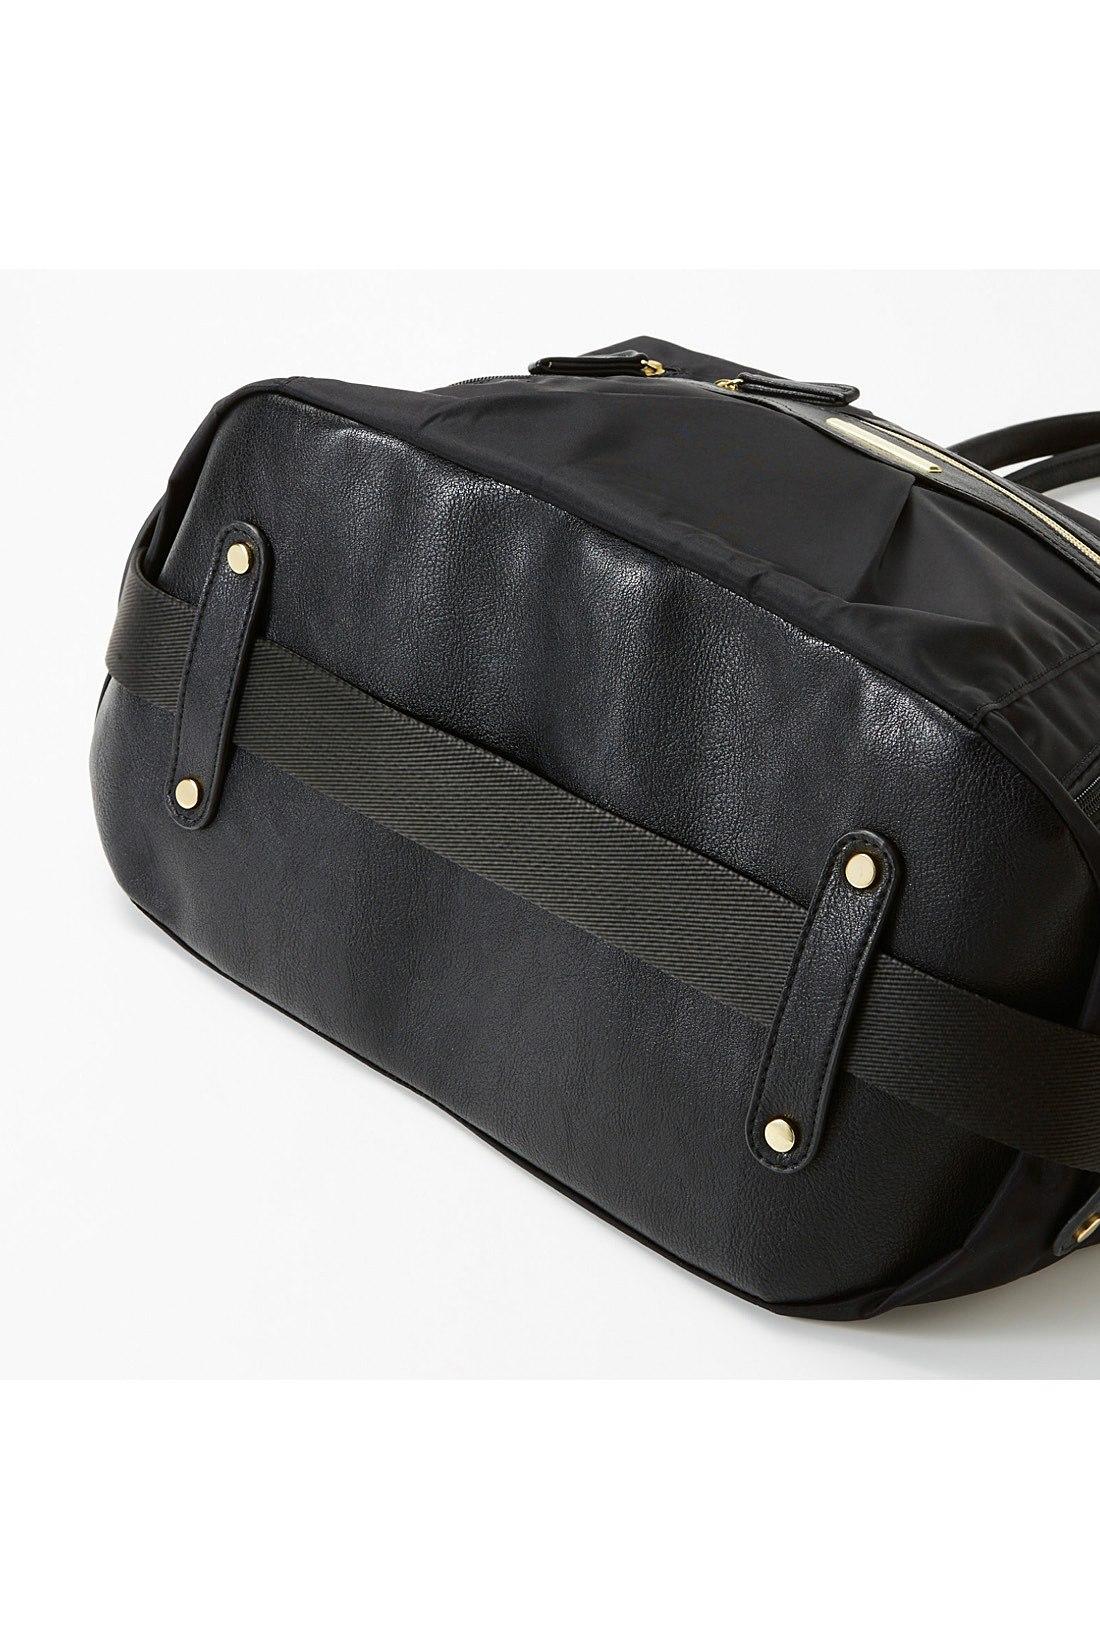 外した斜め掛け用の肩ベルトは底のループに通して、スマートに収納OK。